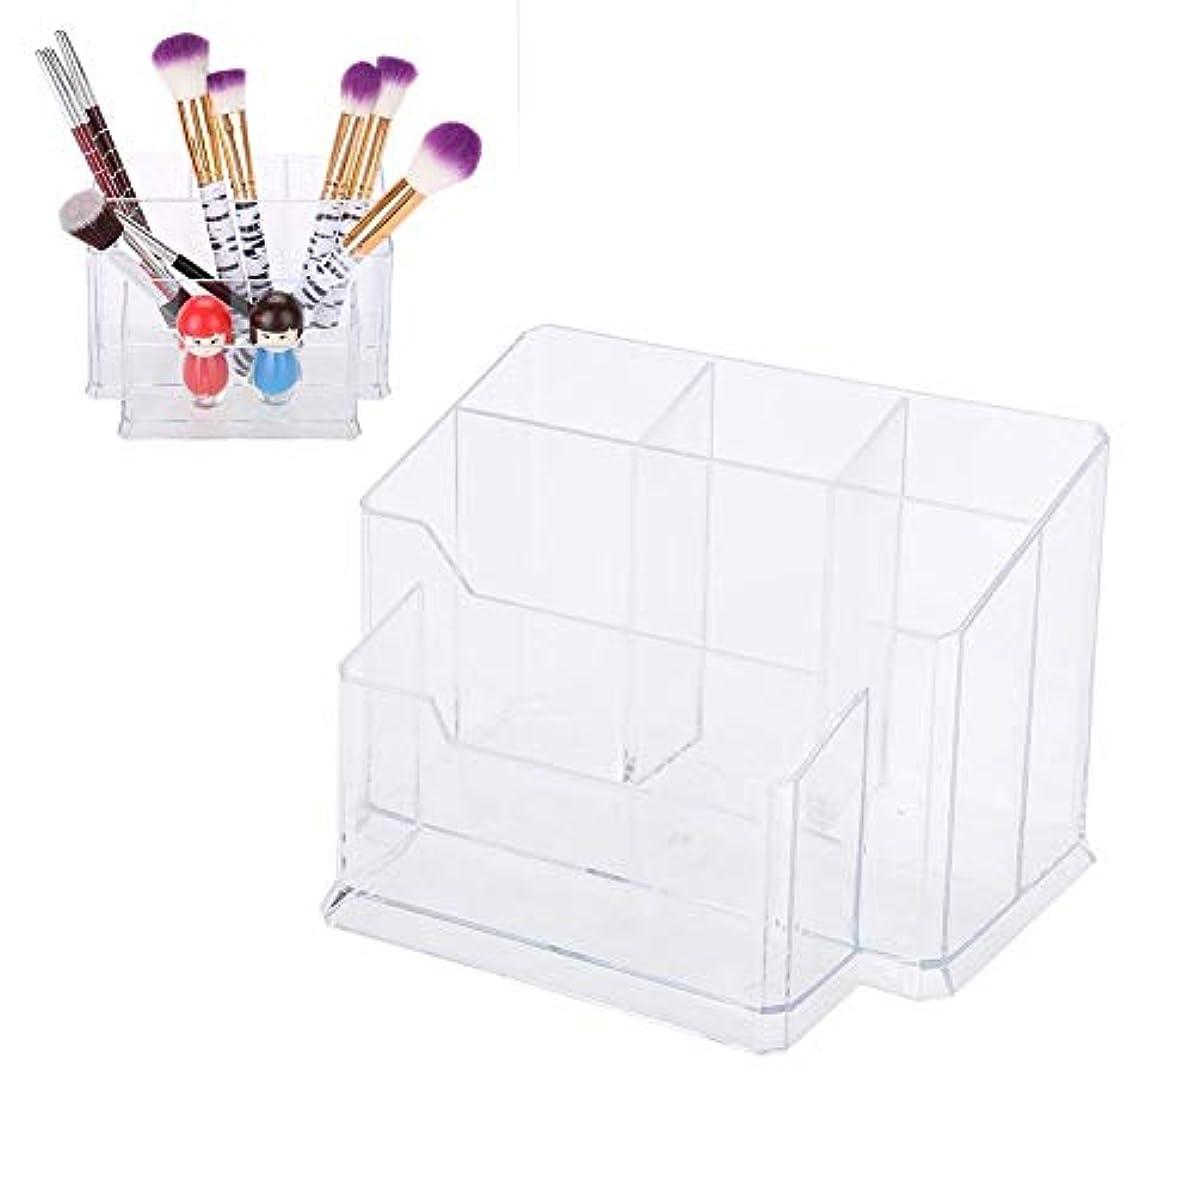 彼女の有効磨かれた化粧ブラシ収納ボックス アクリル製 コスメ収納 スタンド 口紅 リップ 小物入れ 透明